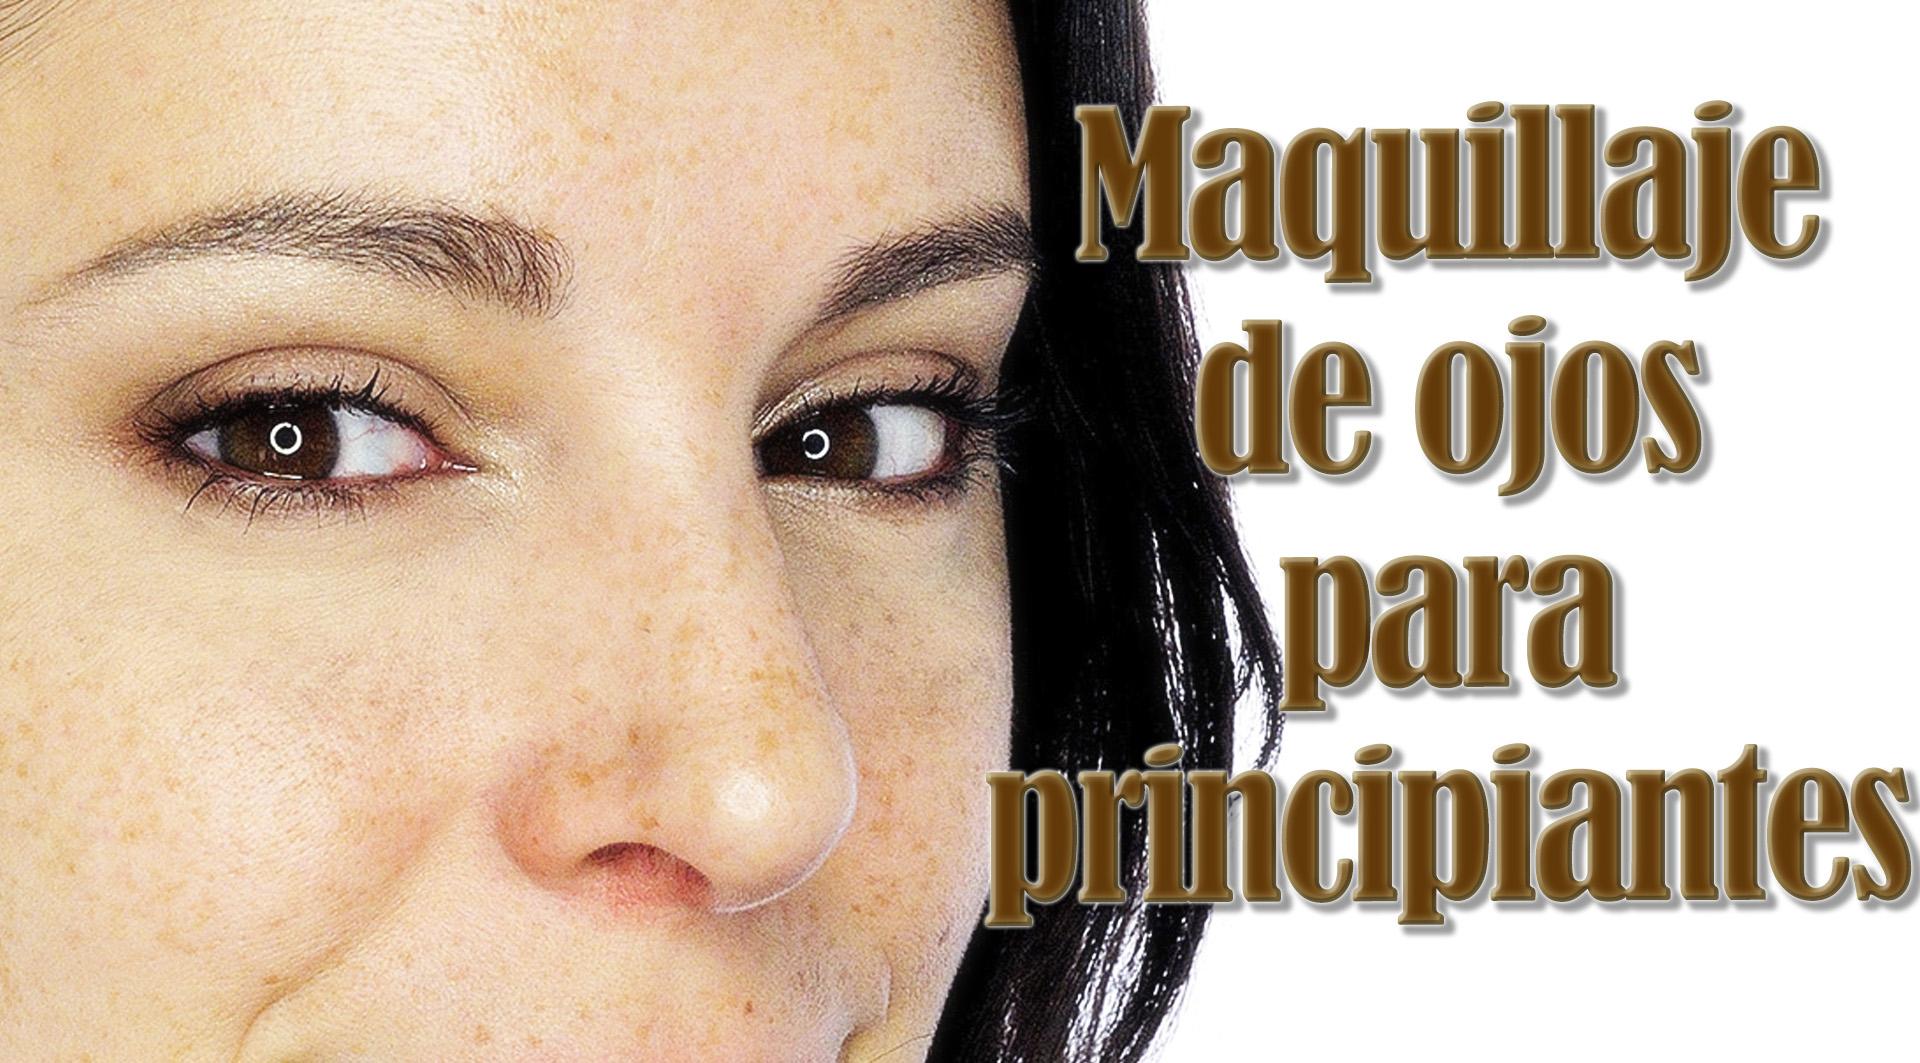 Tutorial maquillaje para principiantes y partes del ojo silvia quir s - Ojos ahumados para principiantes ...